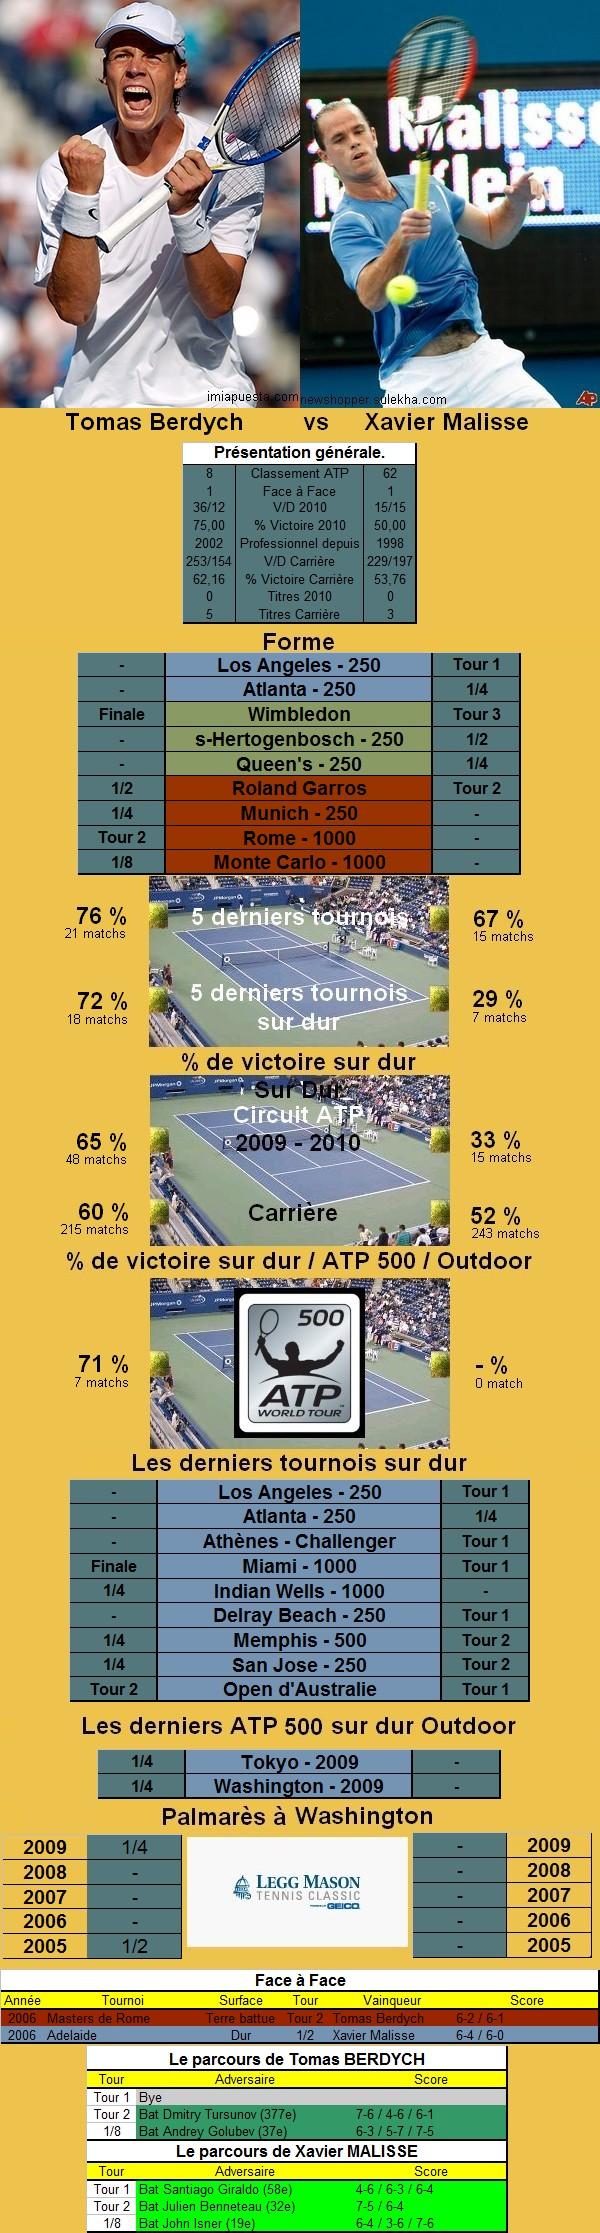 Statistiques tennis de Berdych contre Malisse à Washington